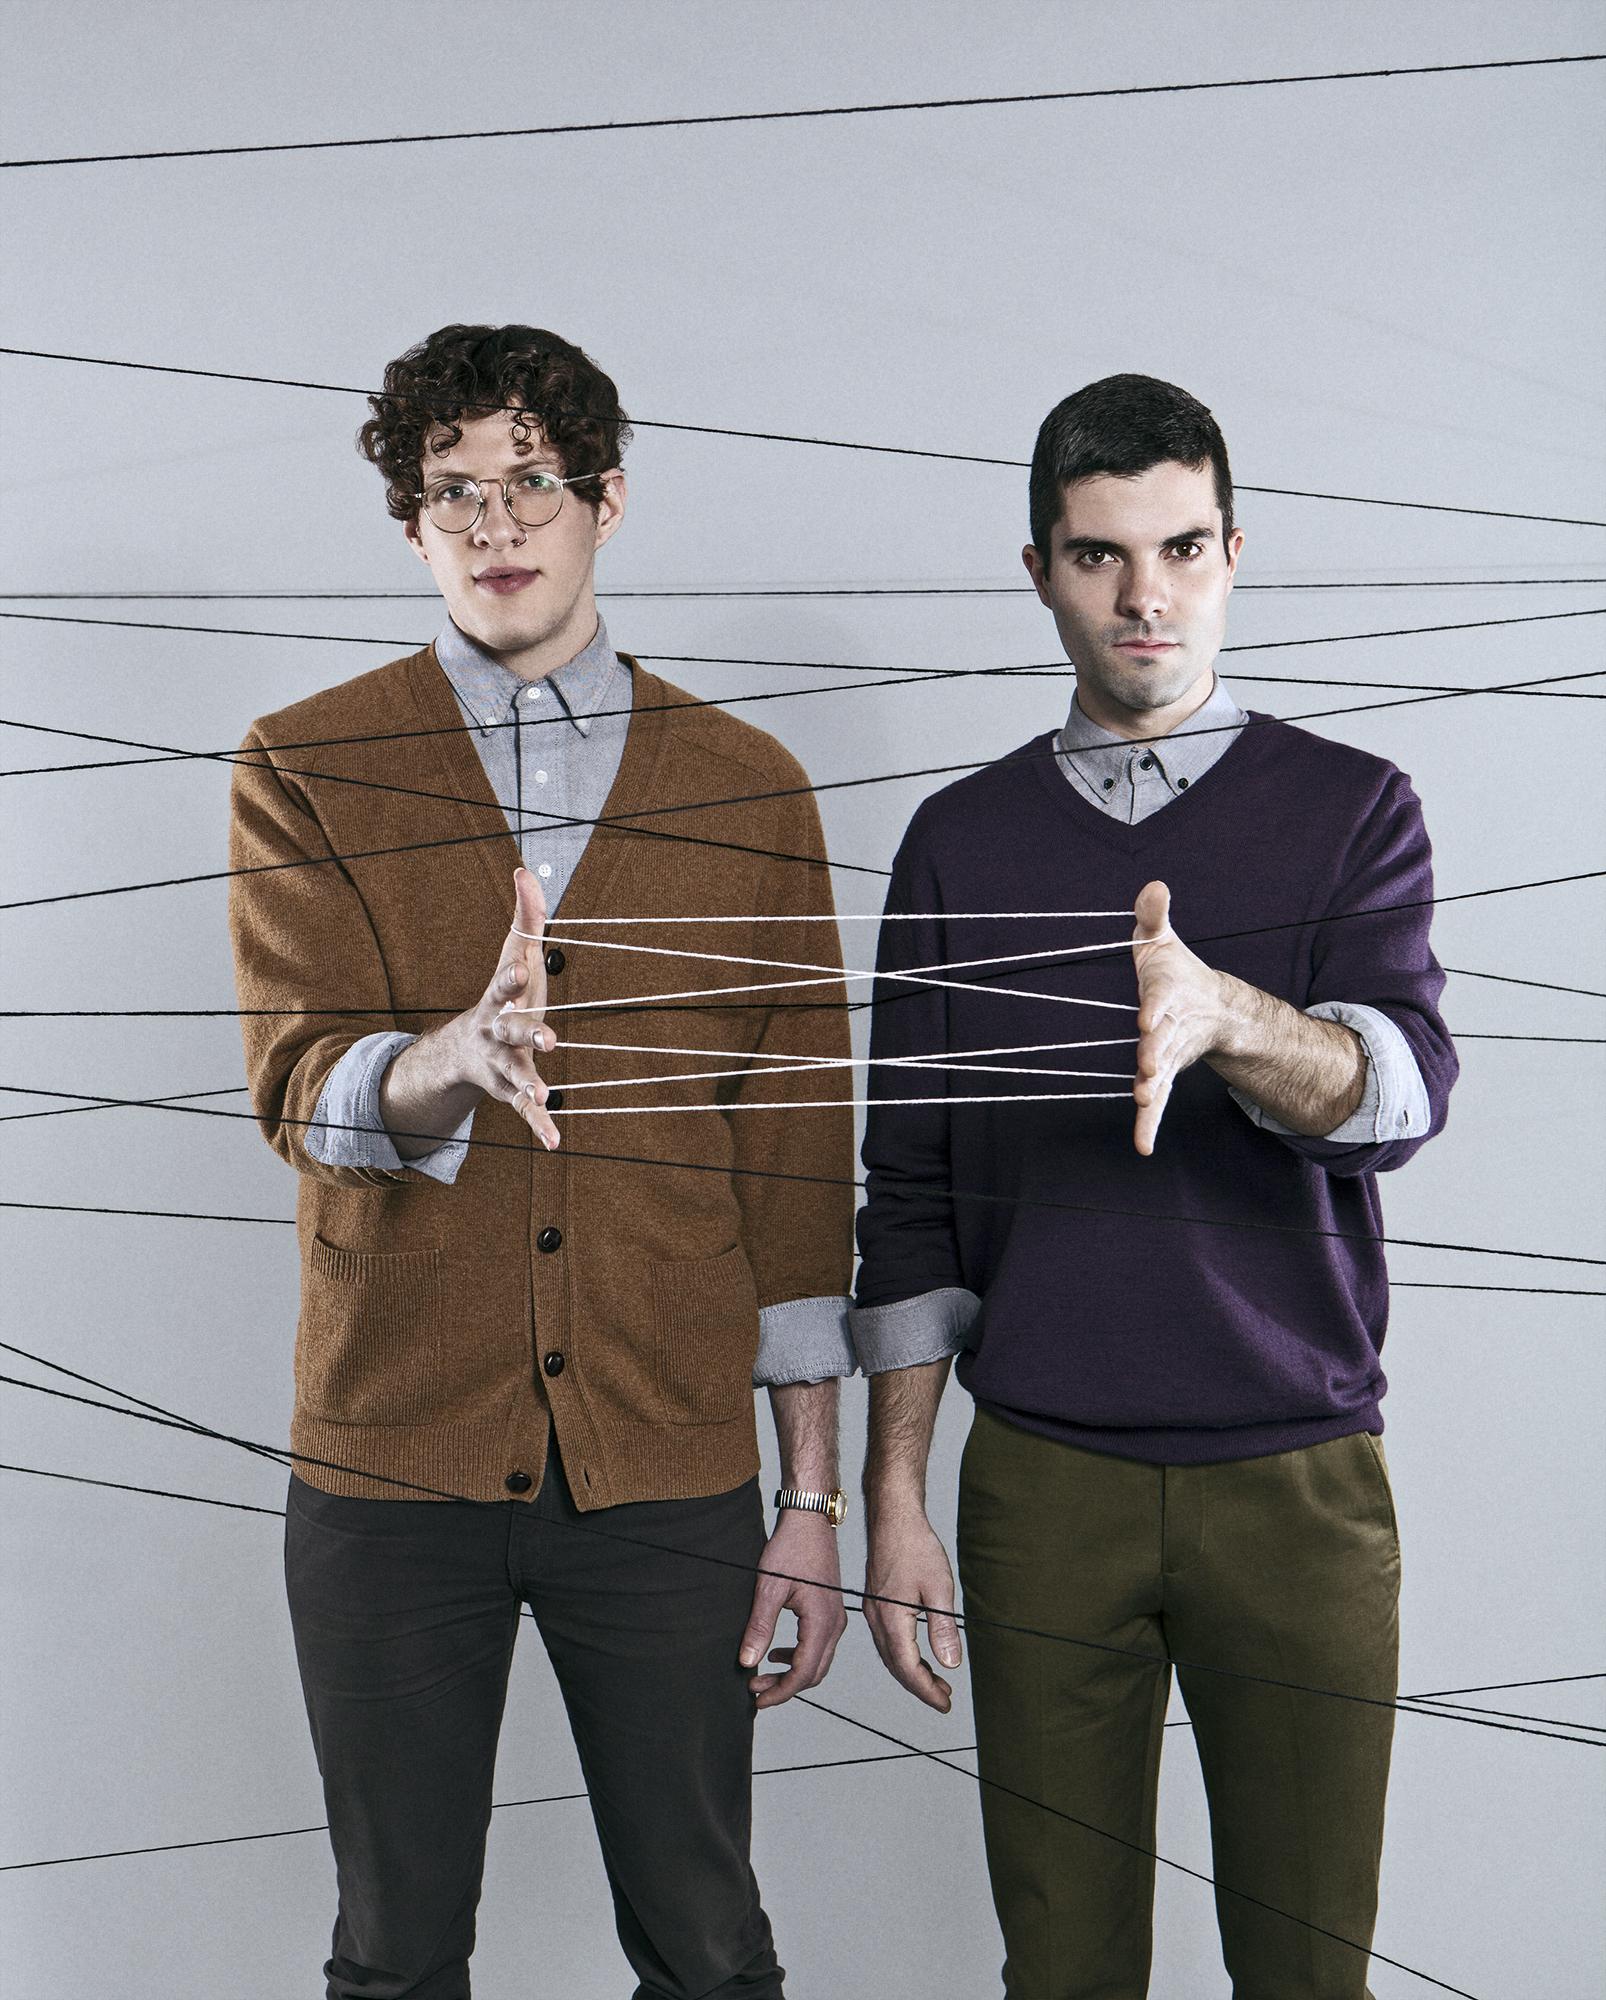 bsb_string_sweaters.jpg